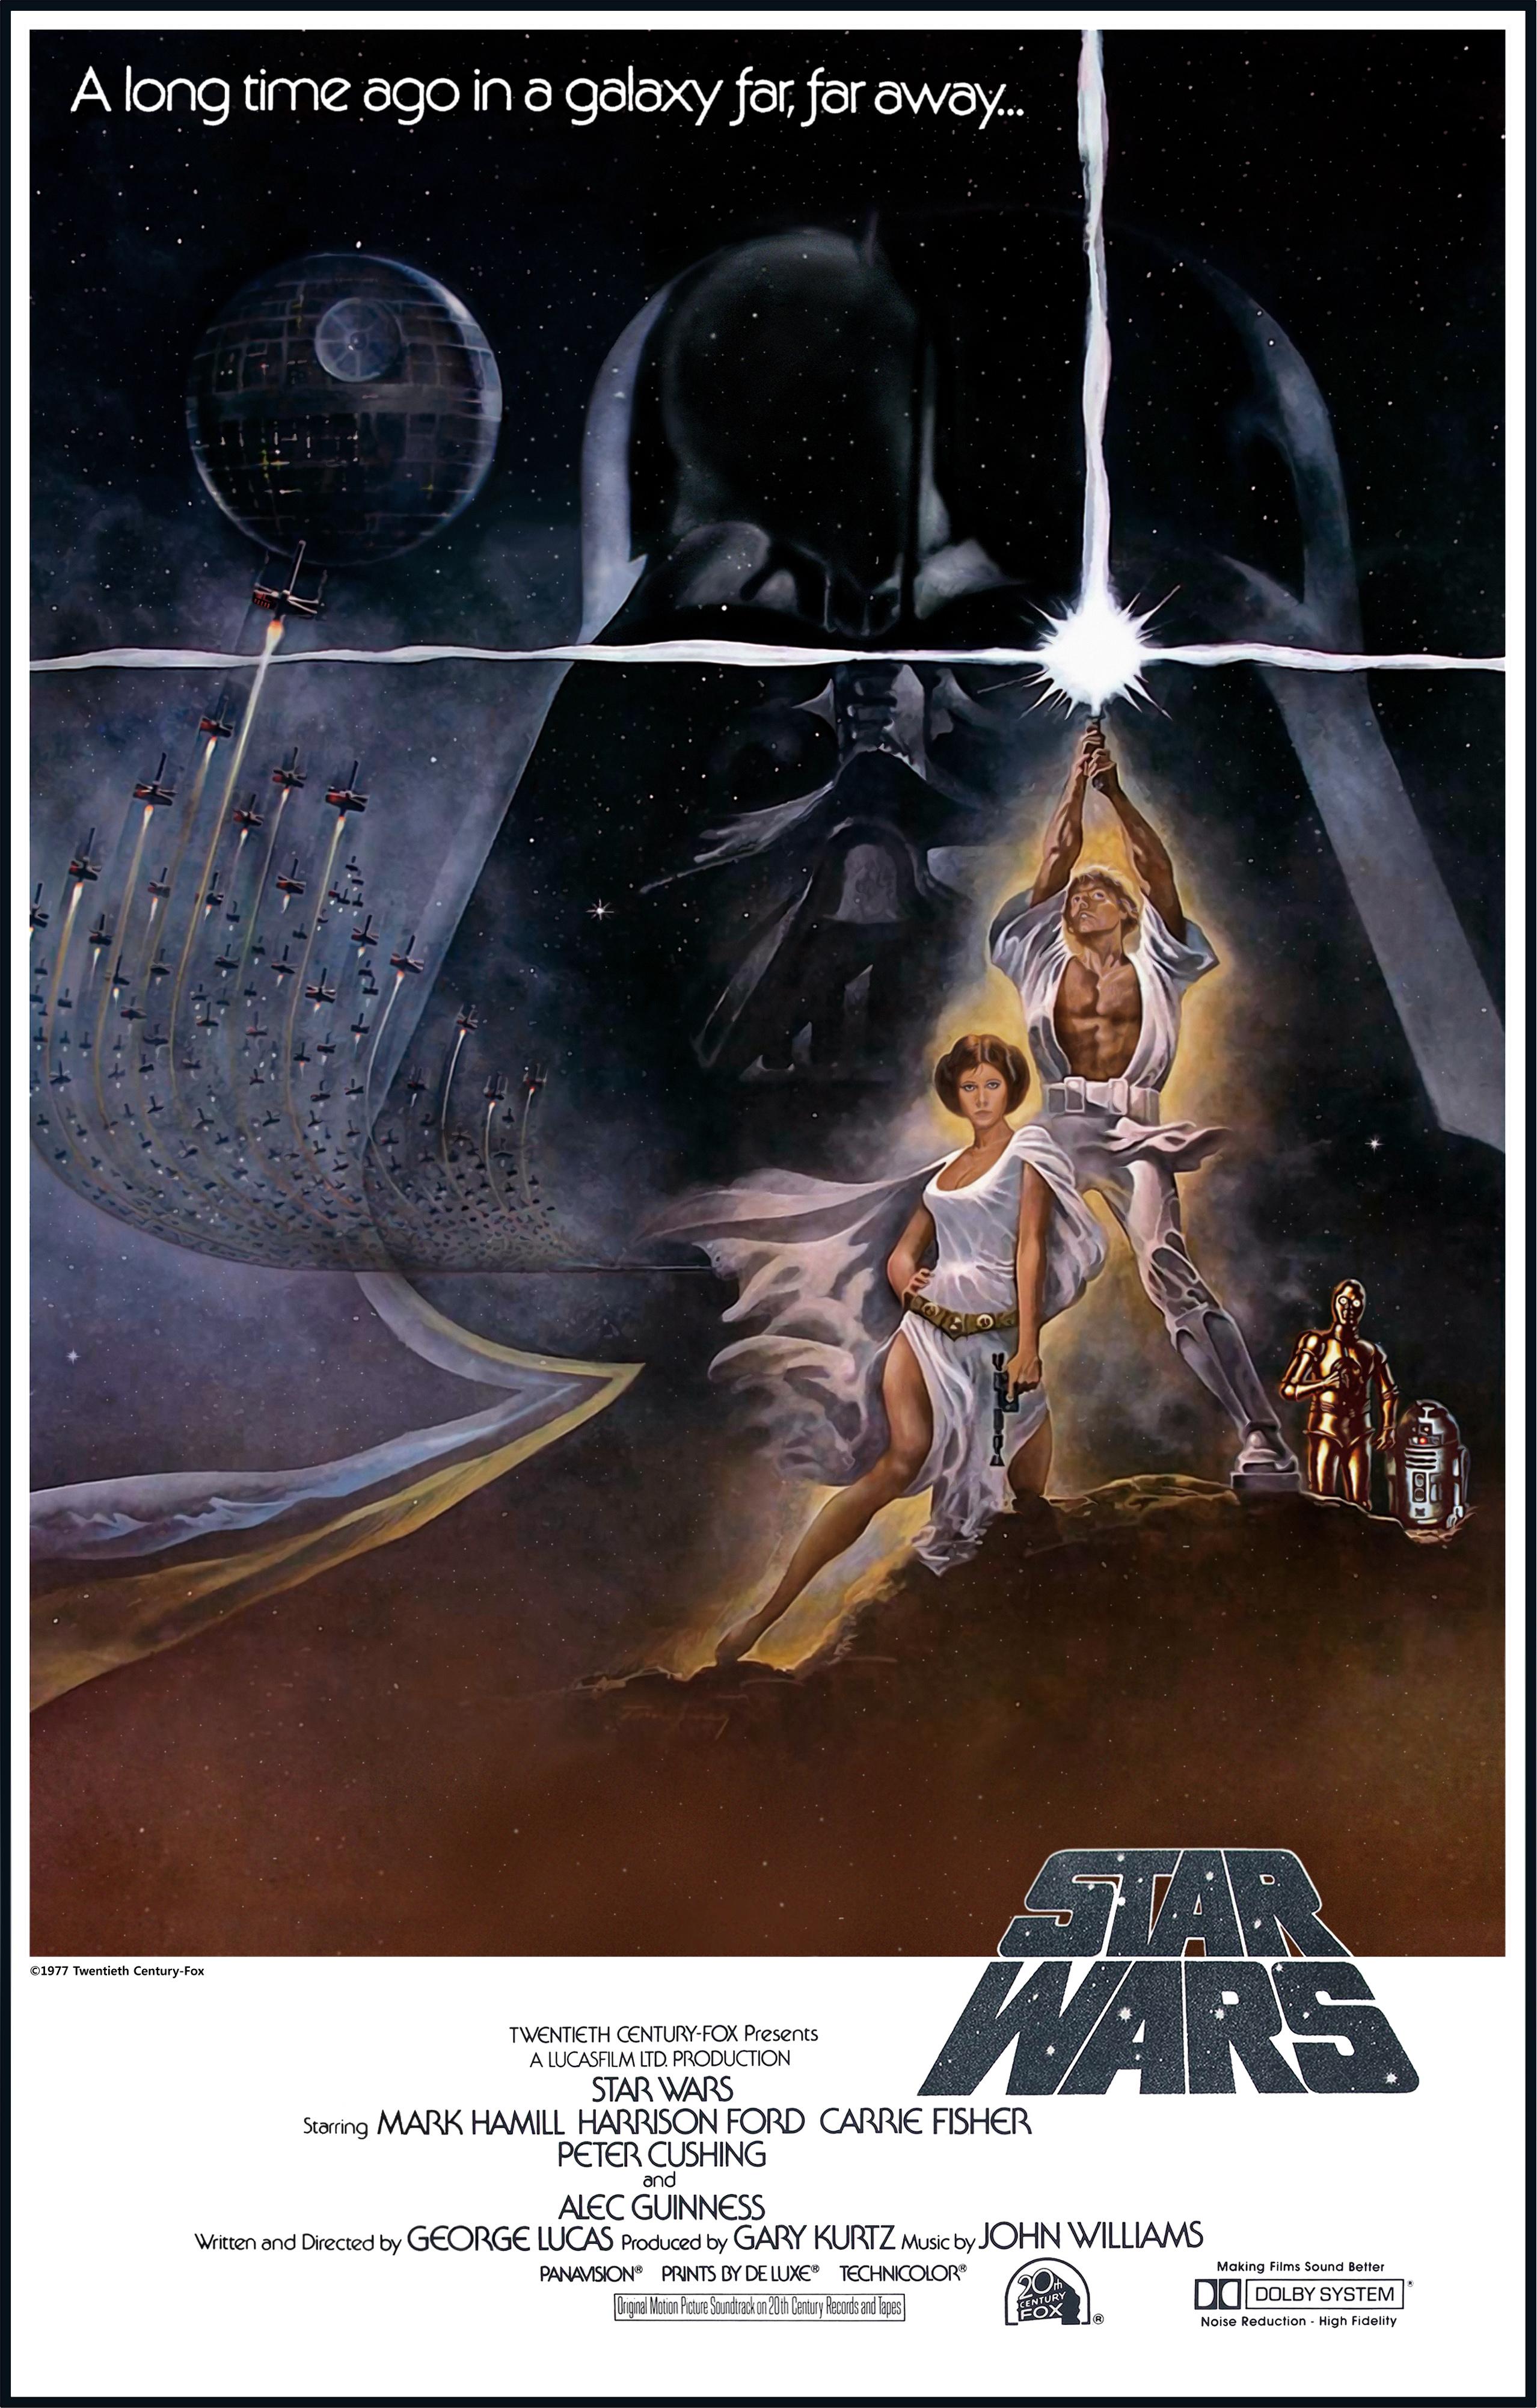 Affiche-Star-Wars (6)